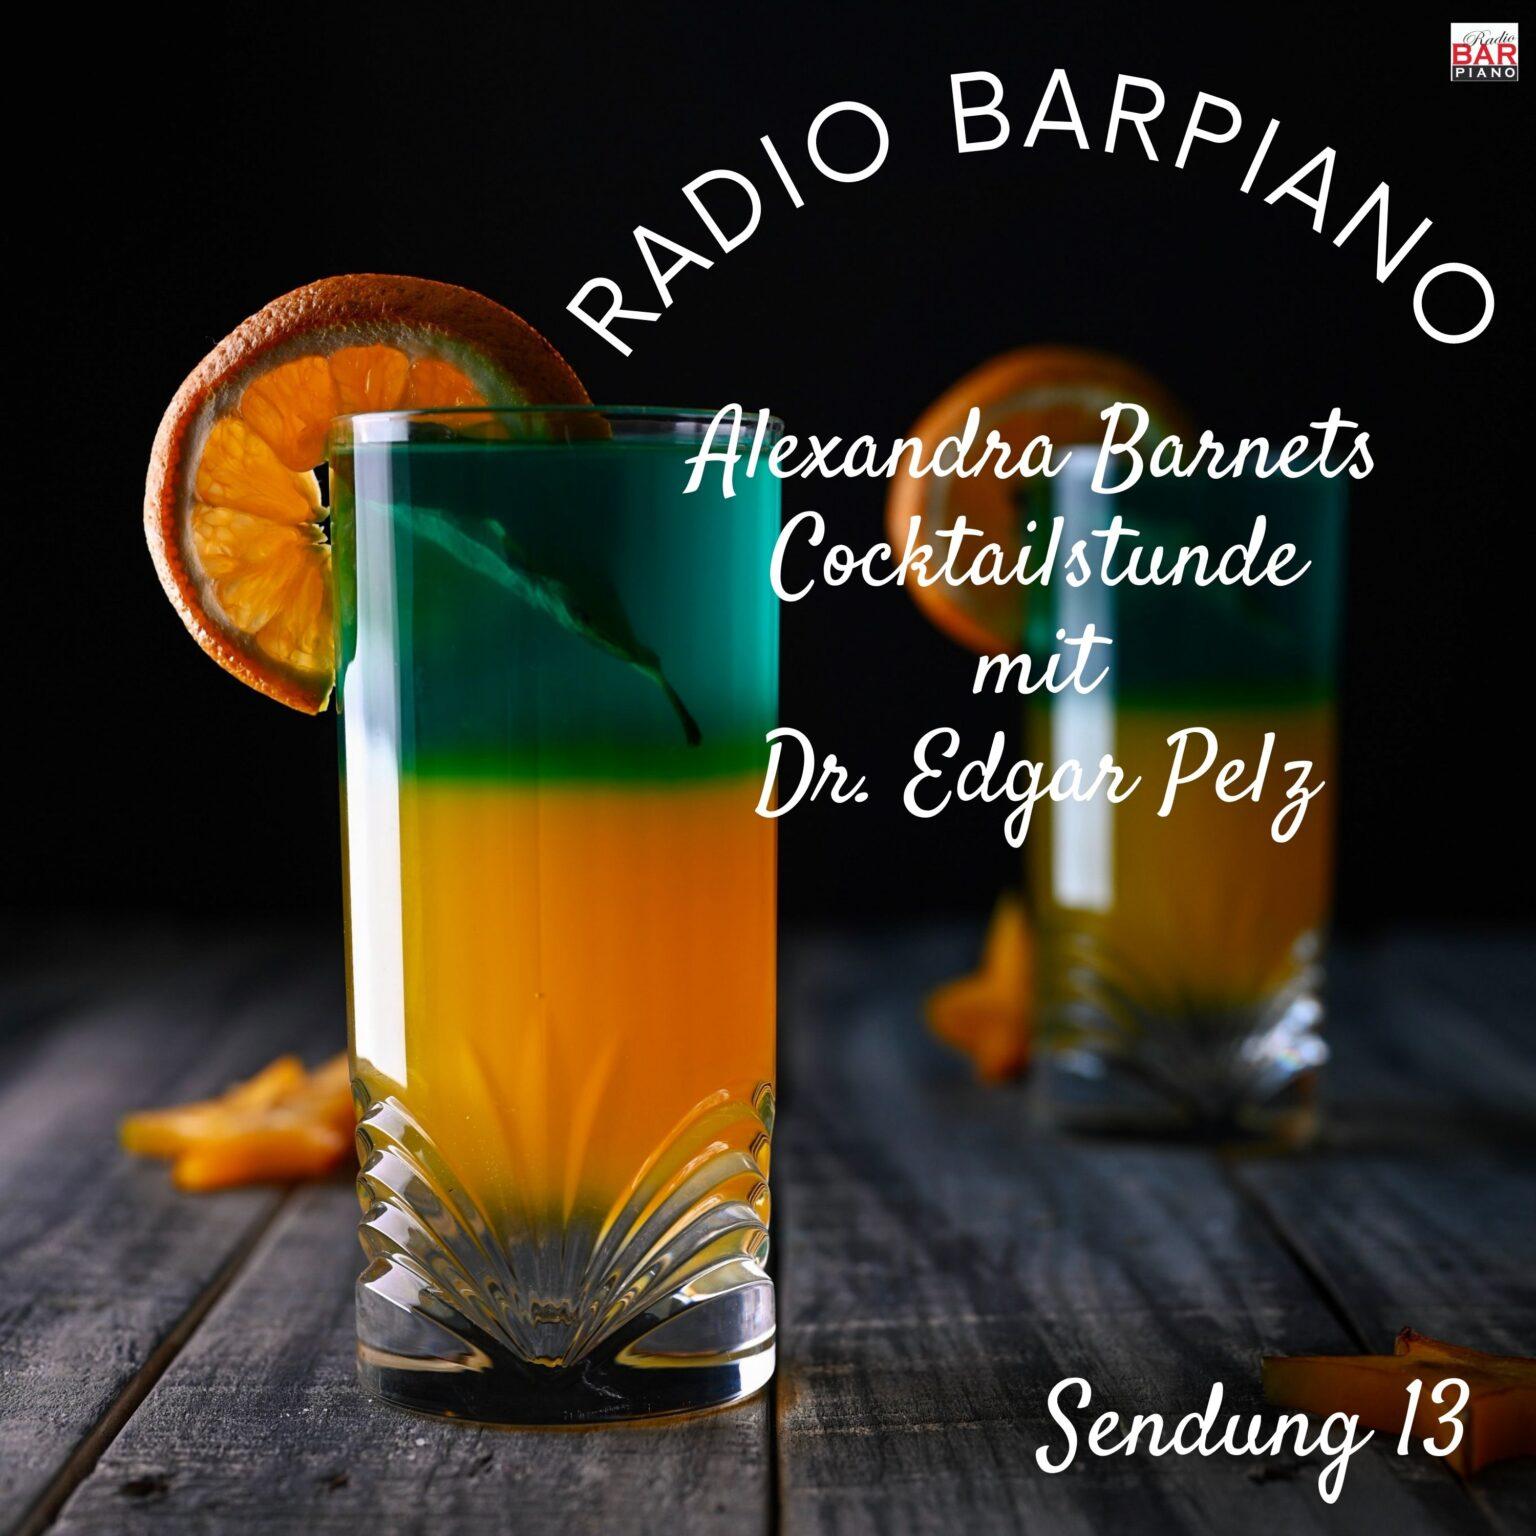 Titelbild für den Podcast für Radio Barpiano. Zwei Cocktails.